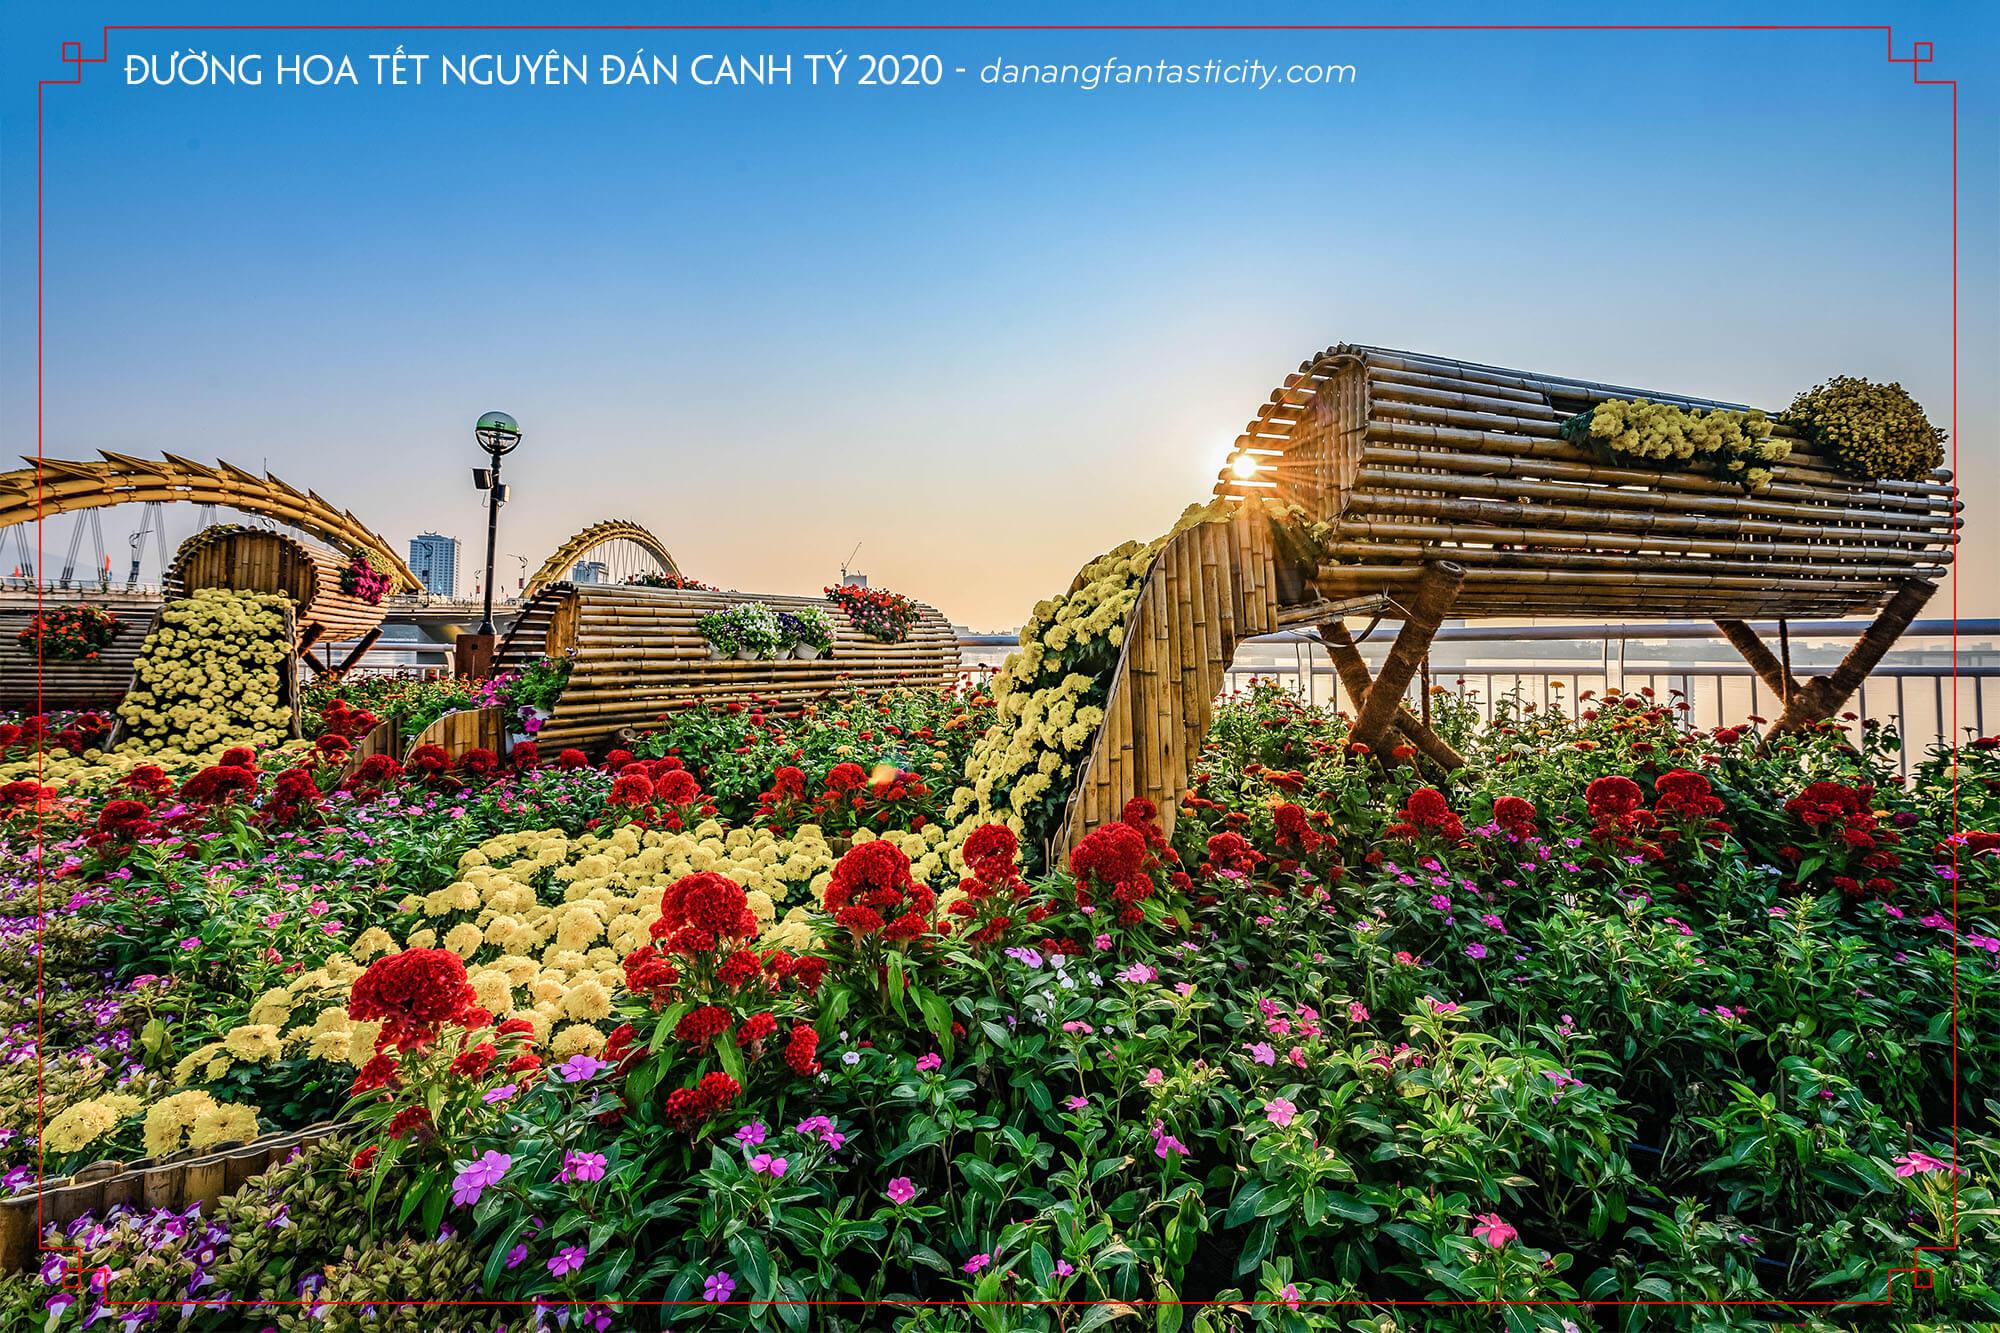 Hoat Dong Su Kien Tet Nguyen Dan Canh Ty 2020 Tai Da Nang Fantasticity Com